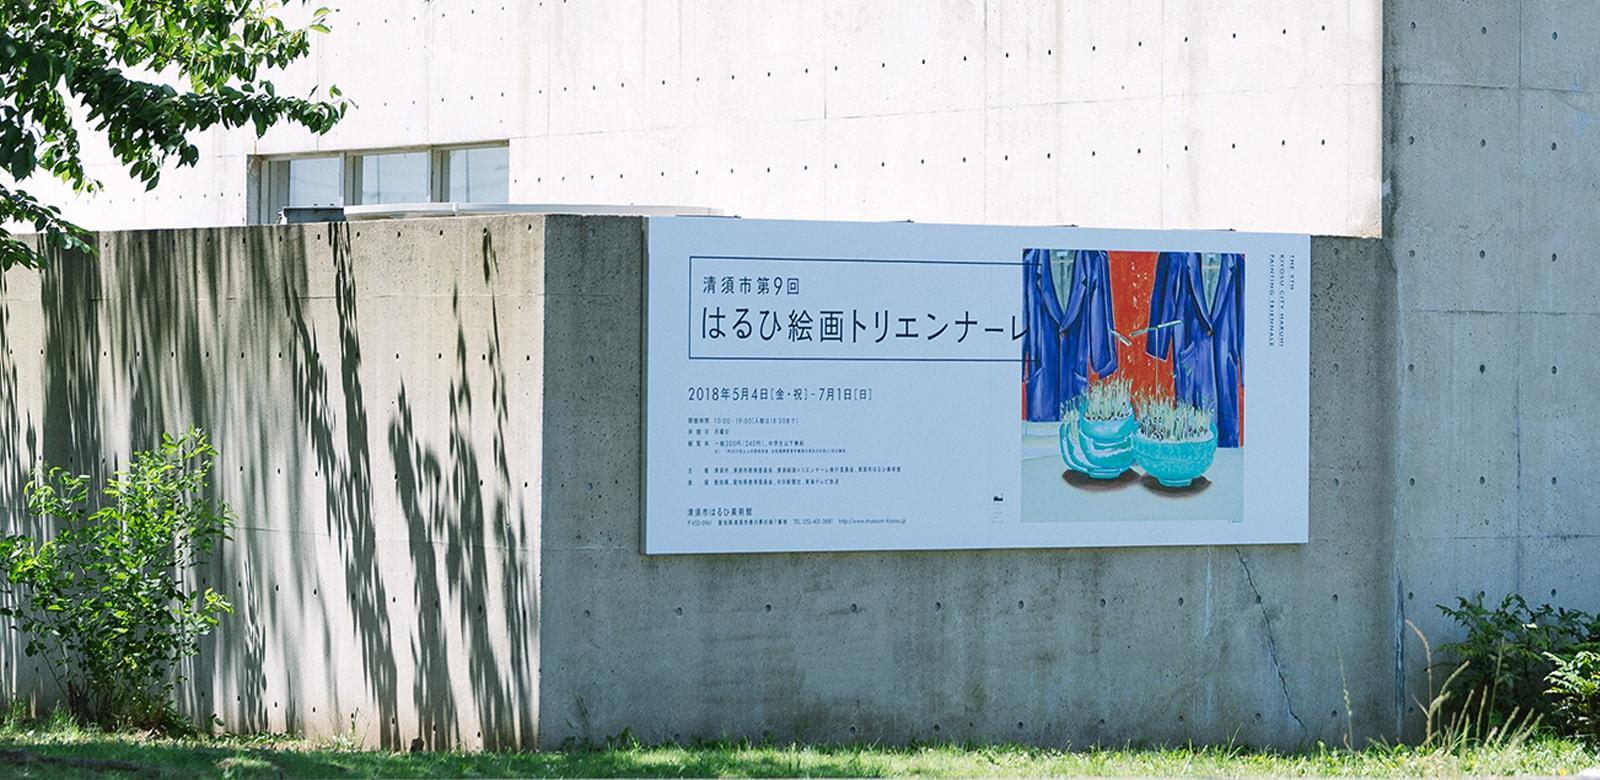 名古屋 ブランディング デザイン